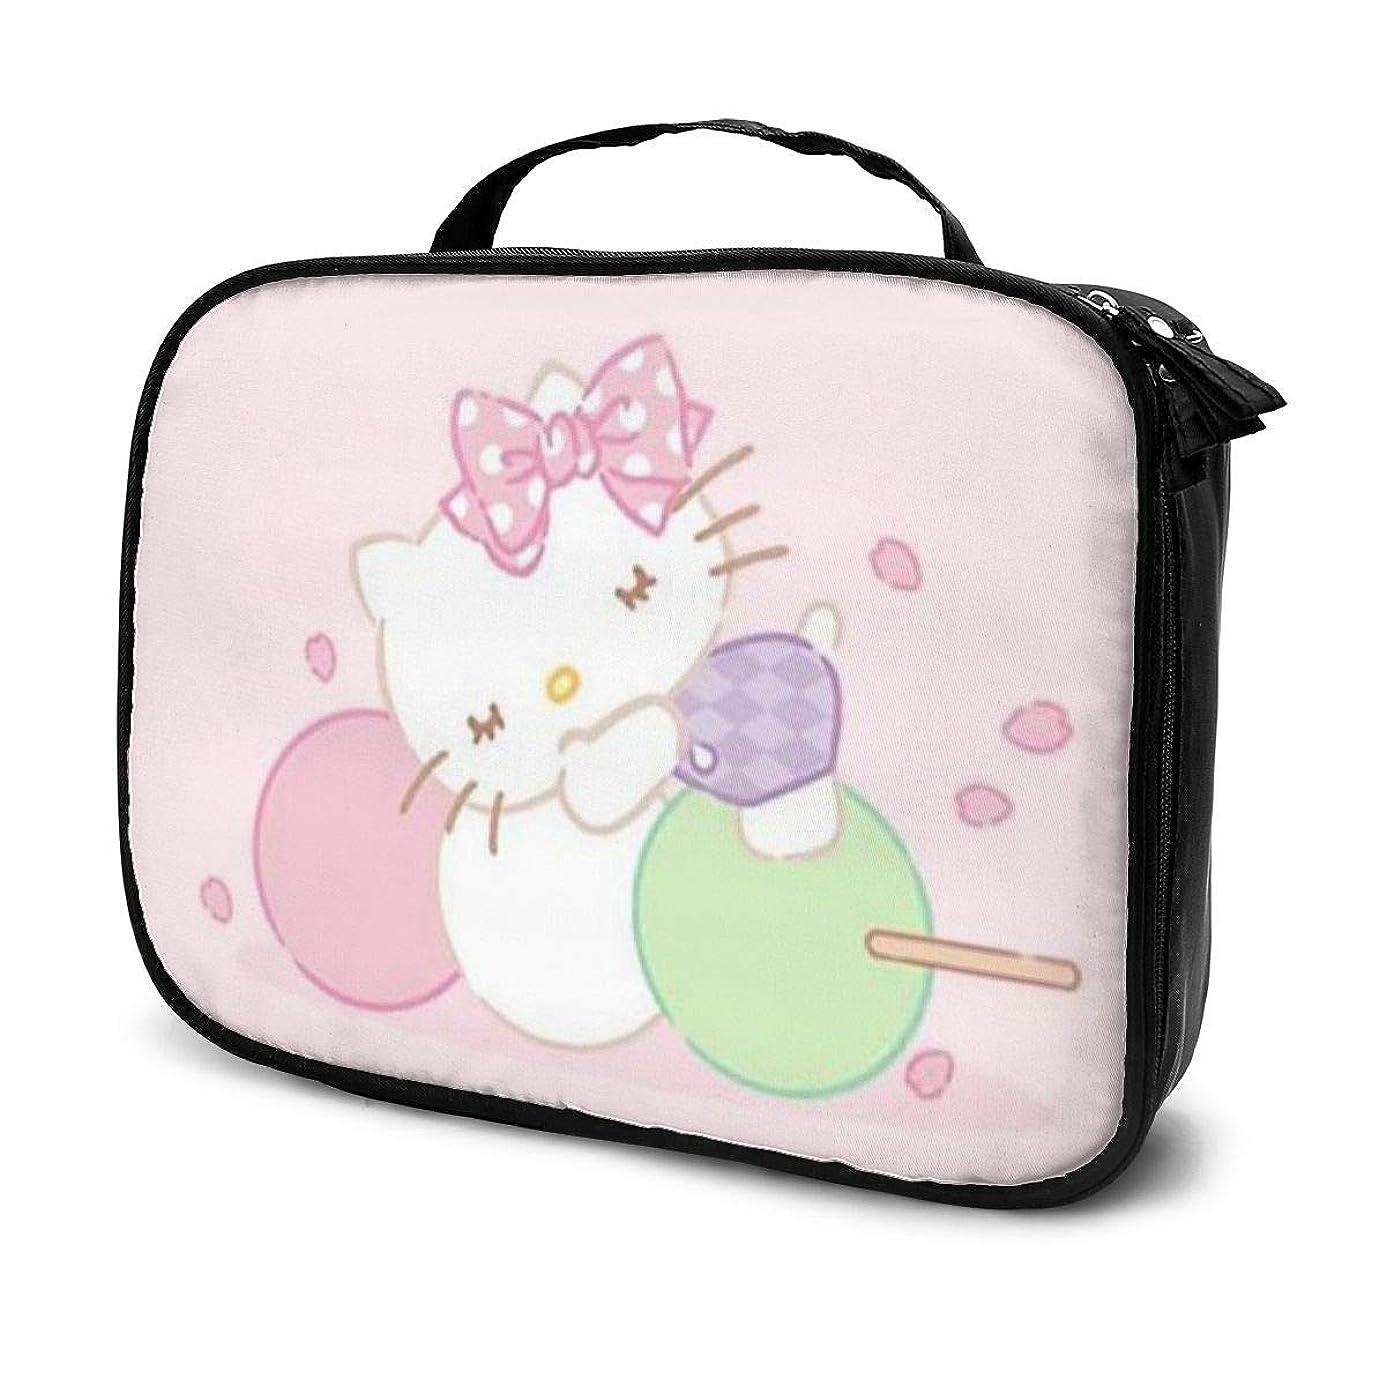 主張を必要としていますディレクターDaituハローキティとシュガー 化粧品袋の女性旅行バッグ収納大容量防水アクセサリー旅行